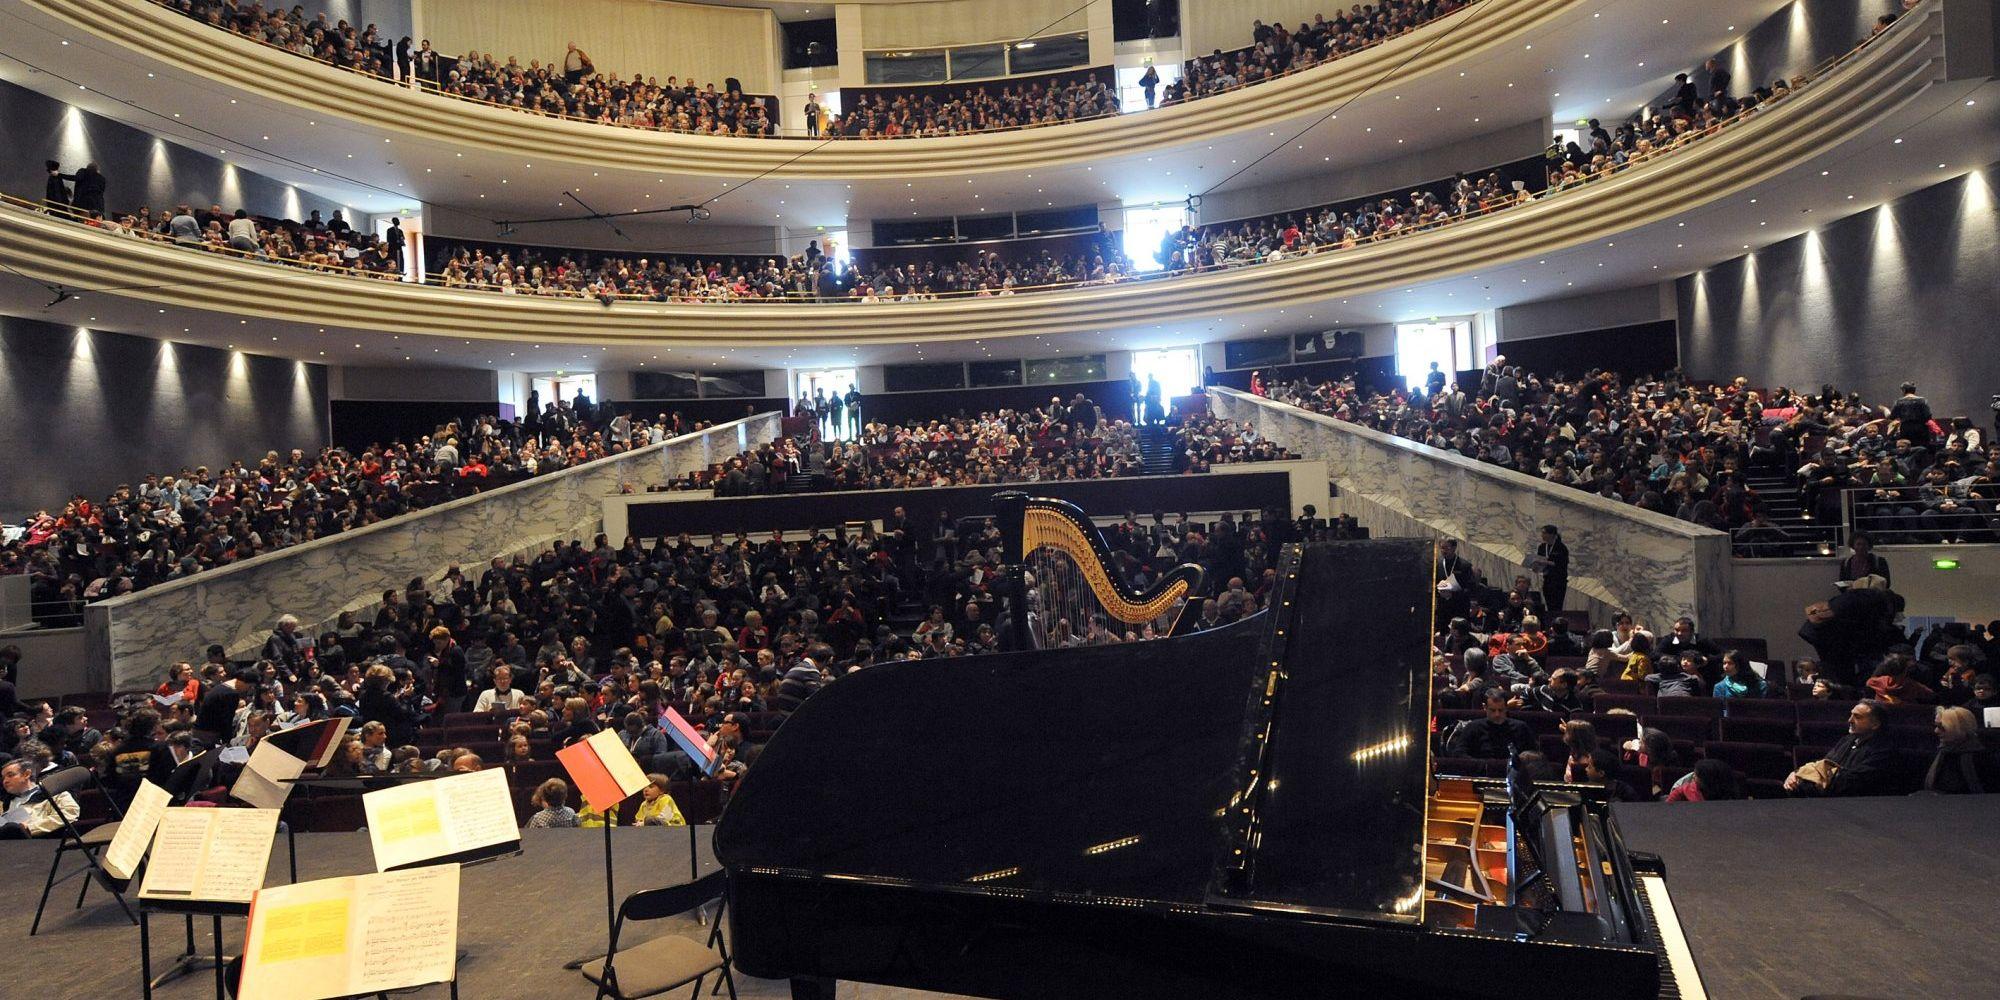 Un spectacle comem cadeau de Noël ? (la Folle Journée, - Grand Auditorium -Palais des Congrès de Nantes)